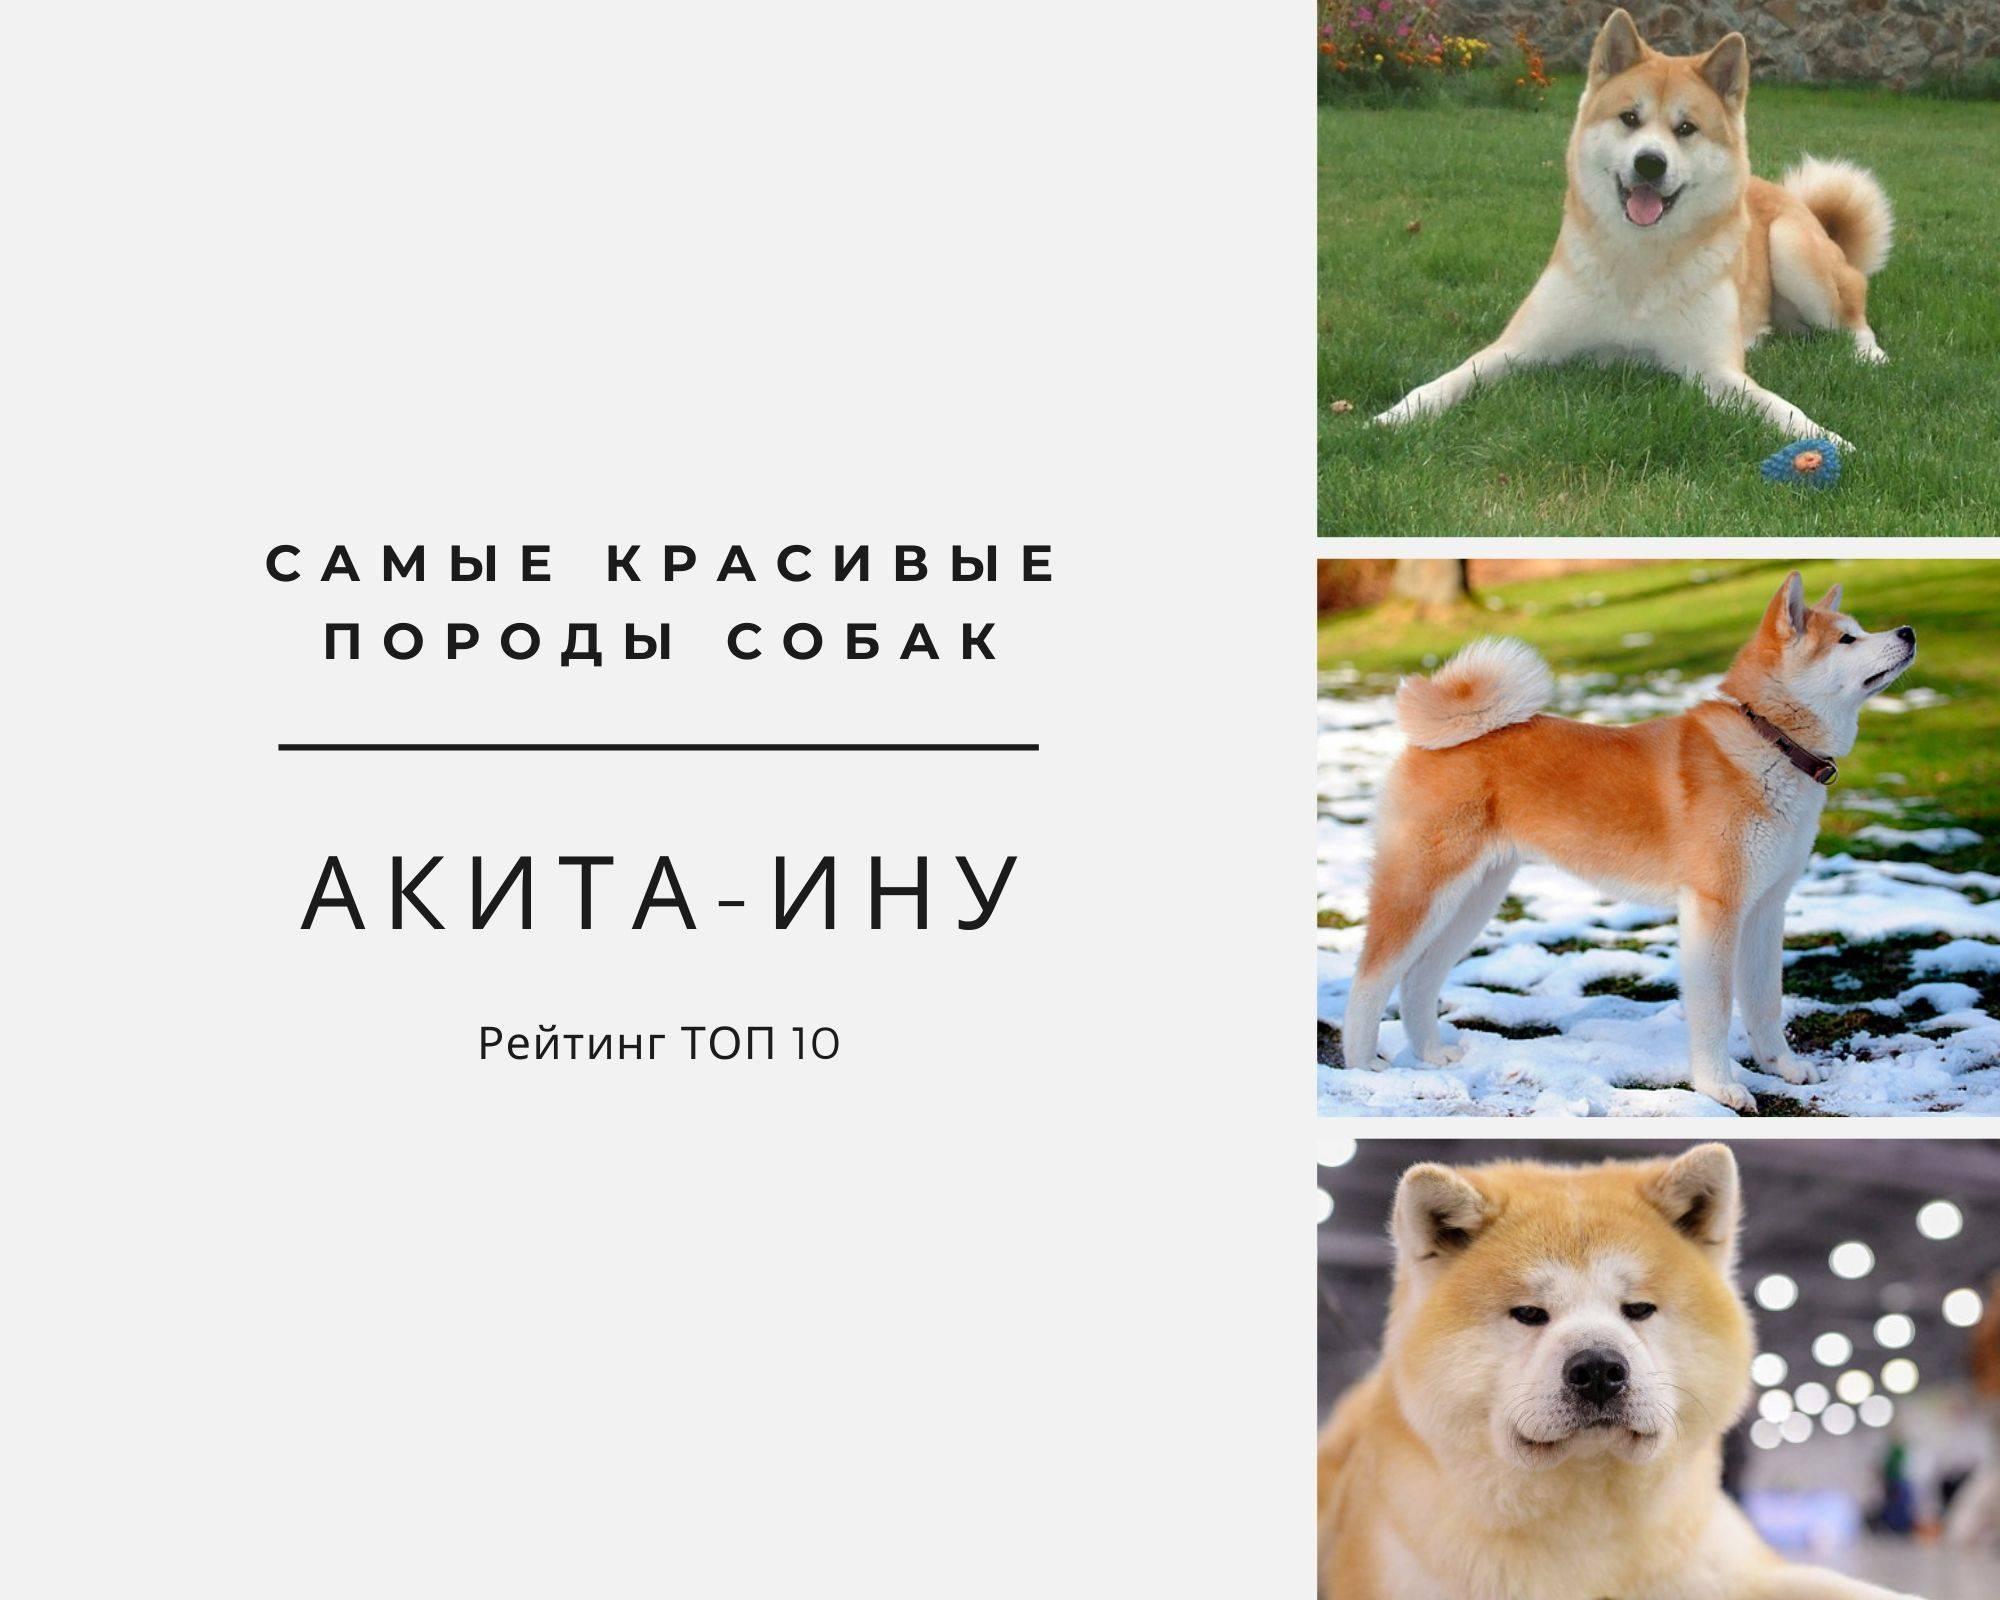 Описание породы собак американская акита ину, собака хатико